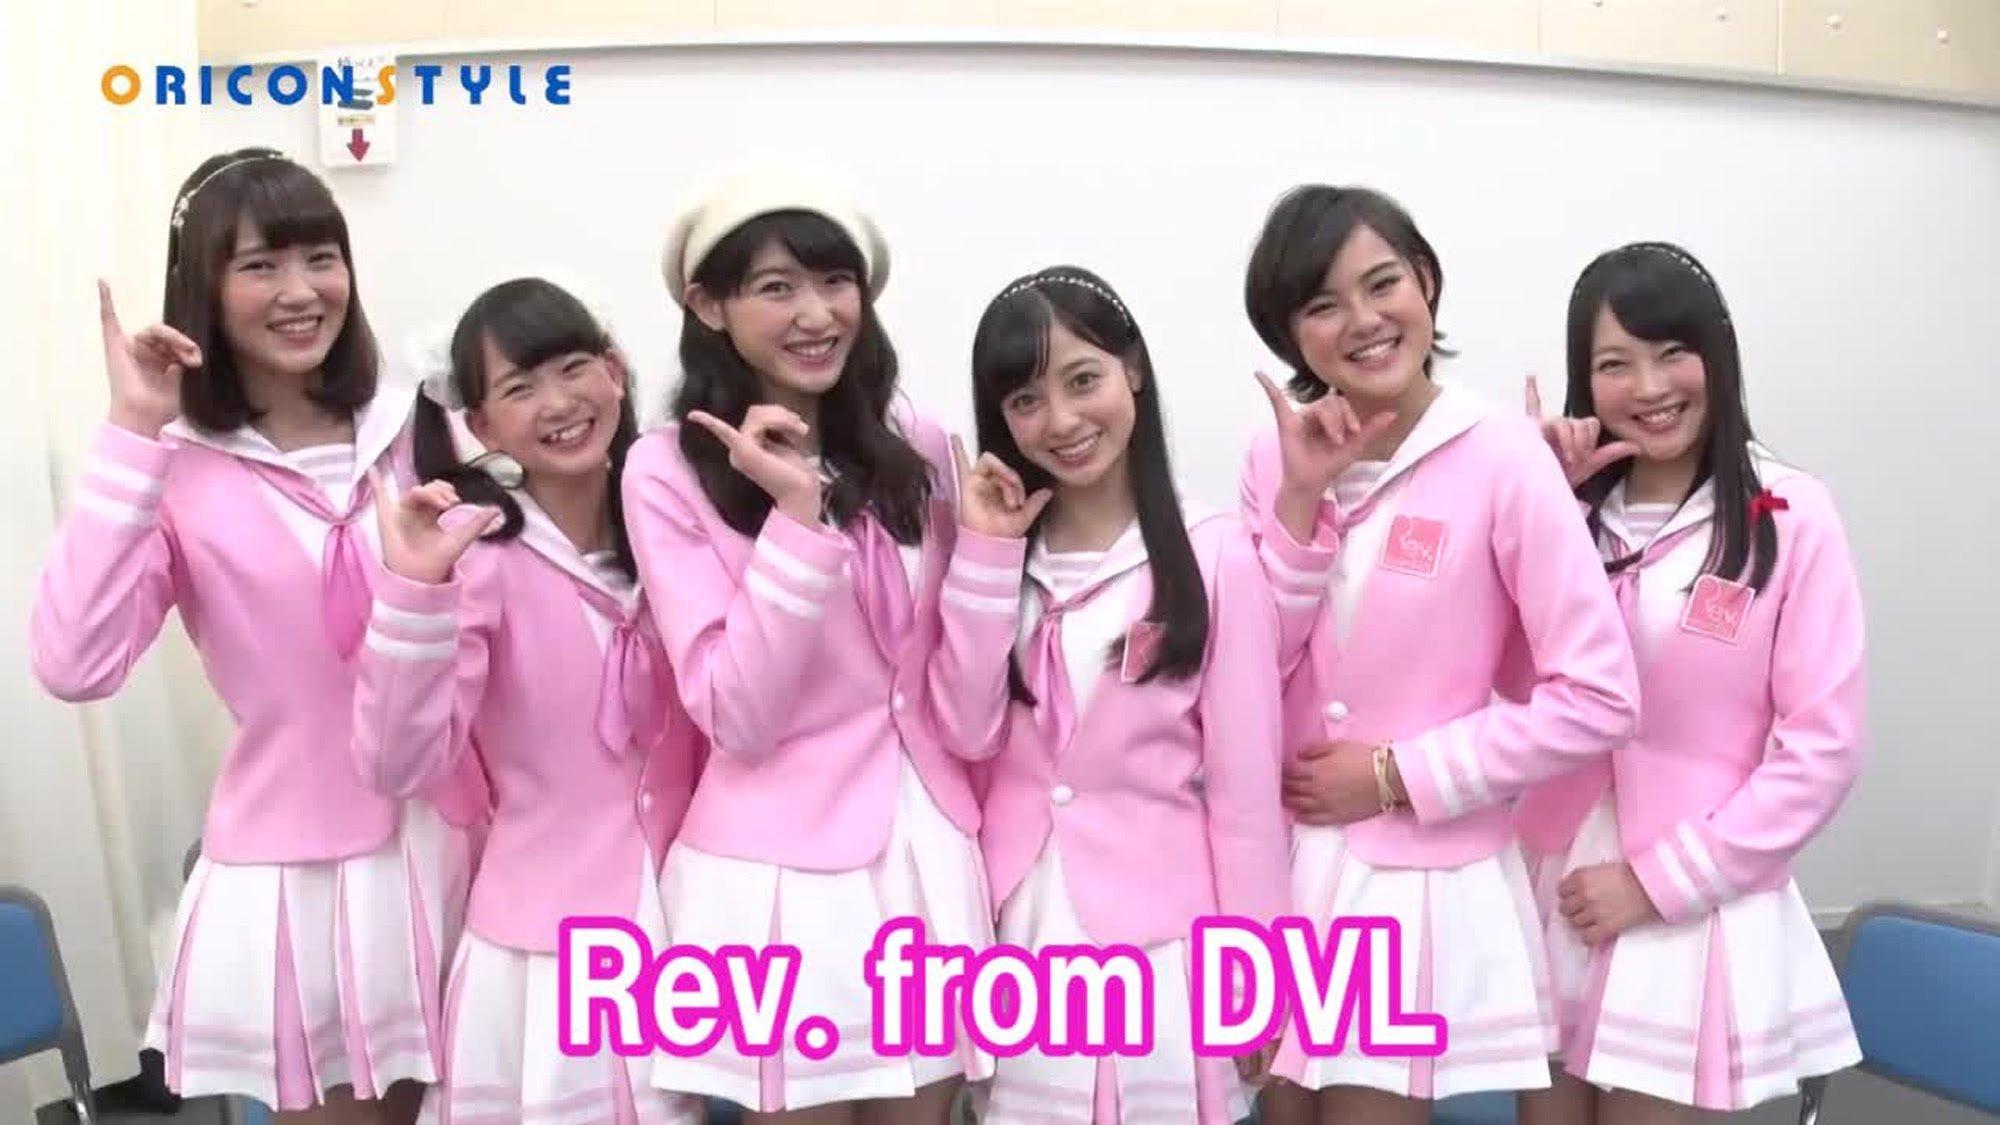 橋本環奈 Rev. from DVL에 대한 이미지 검색결과